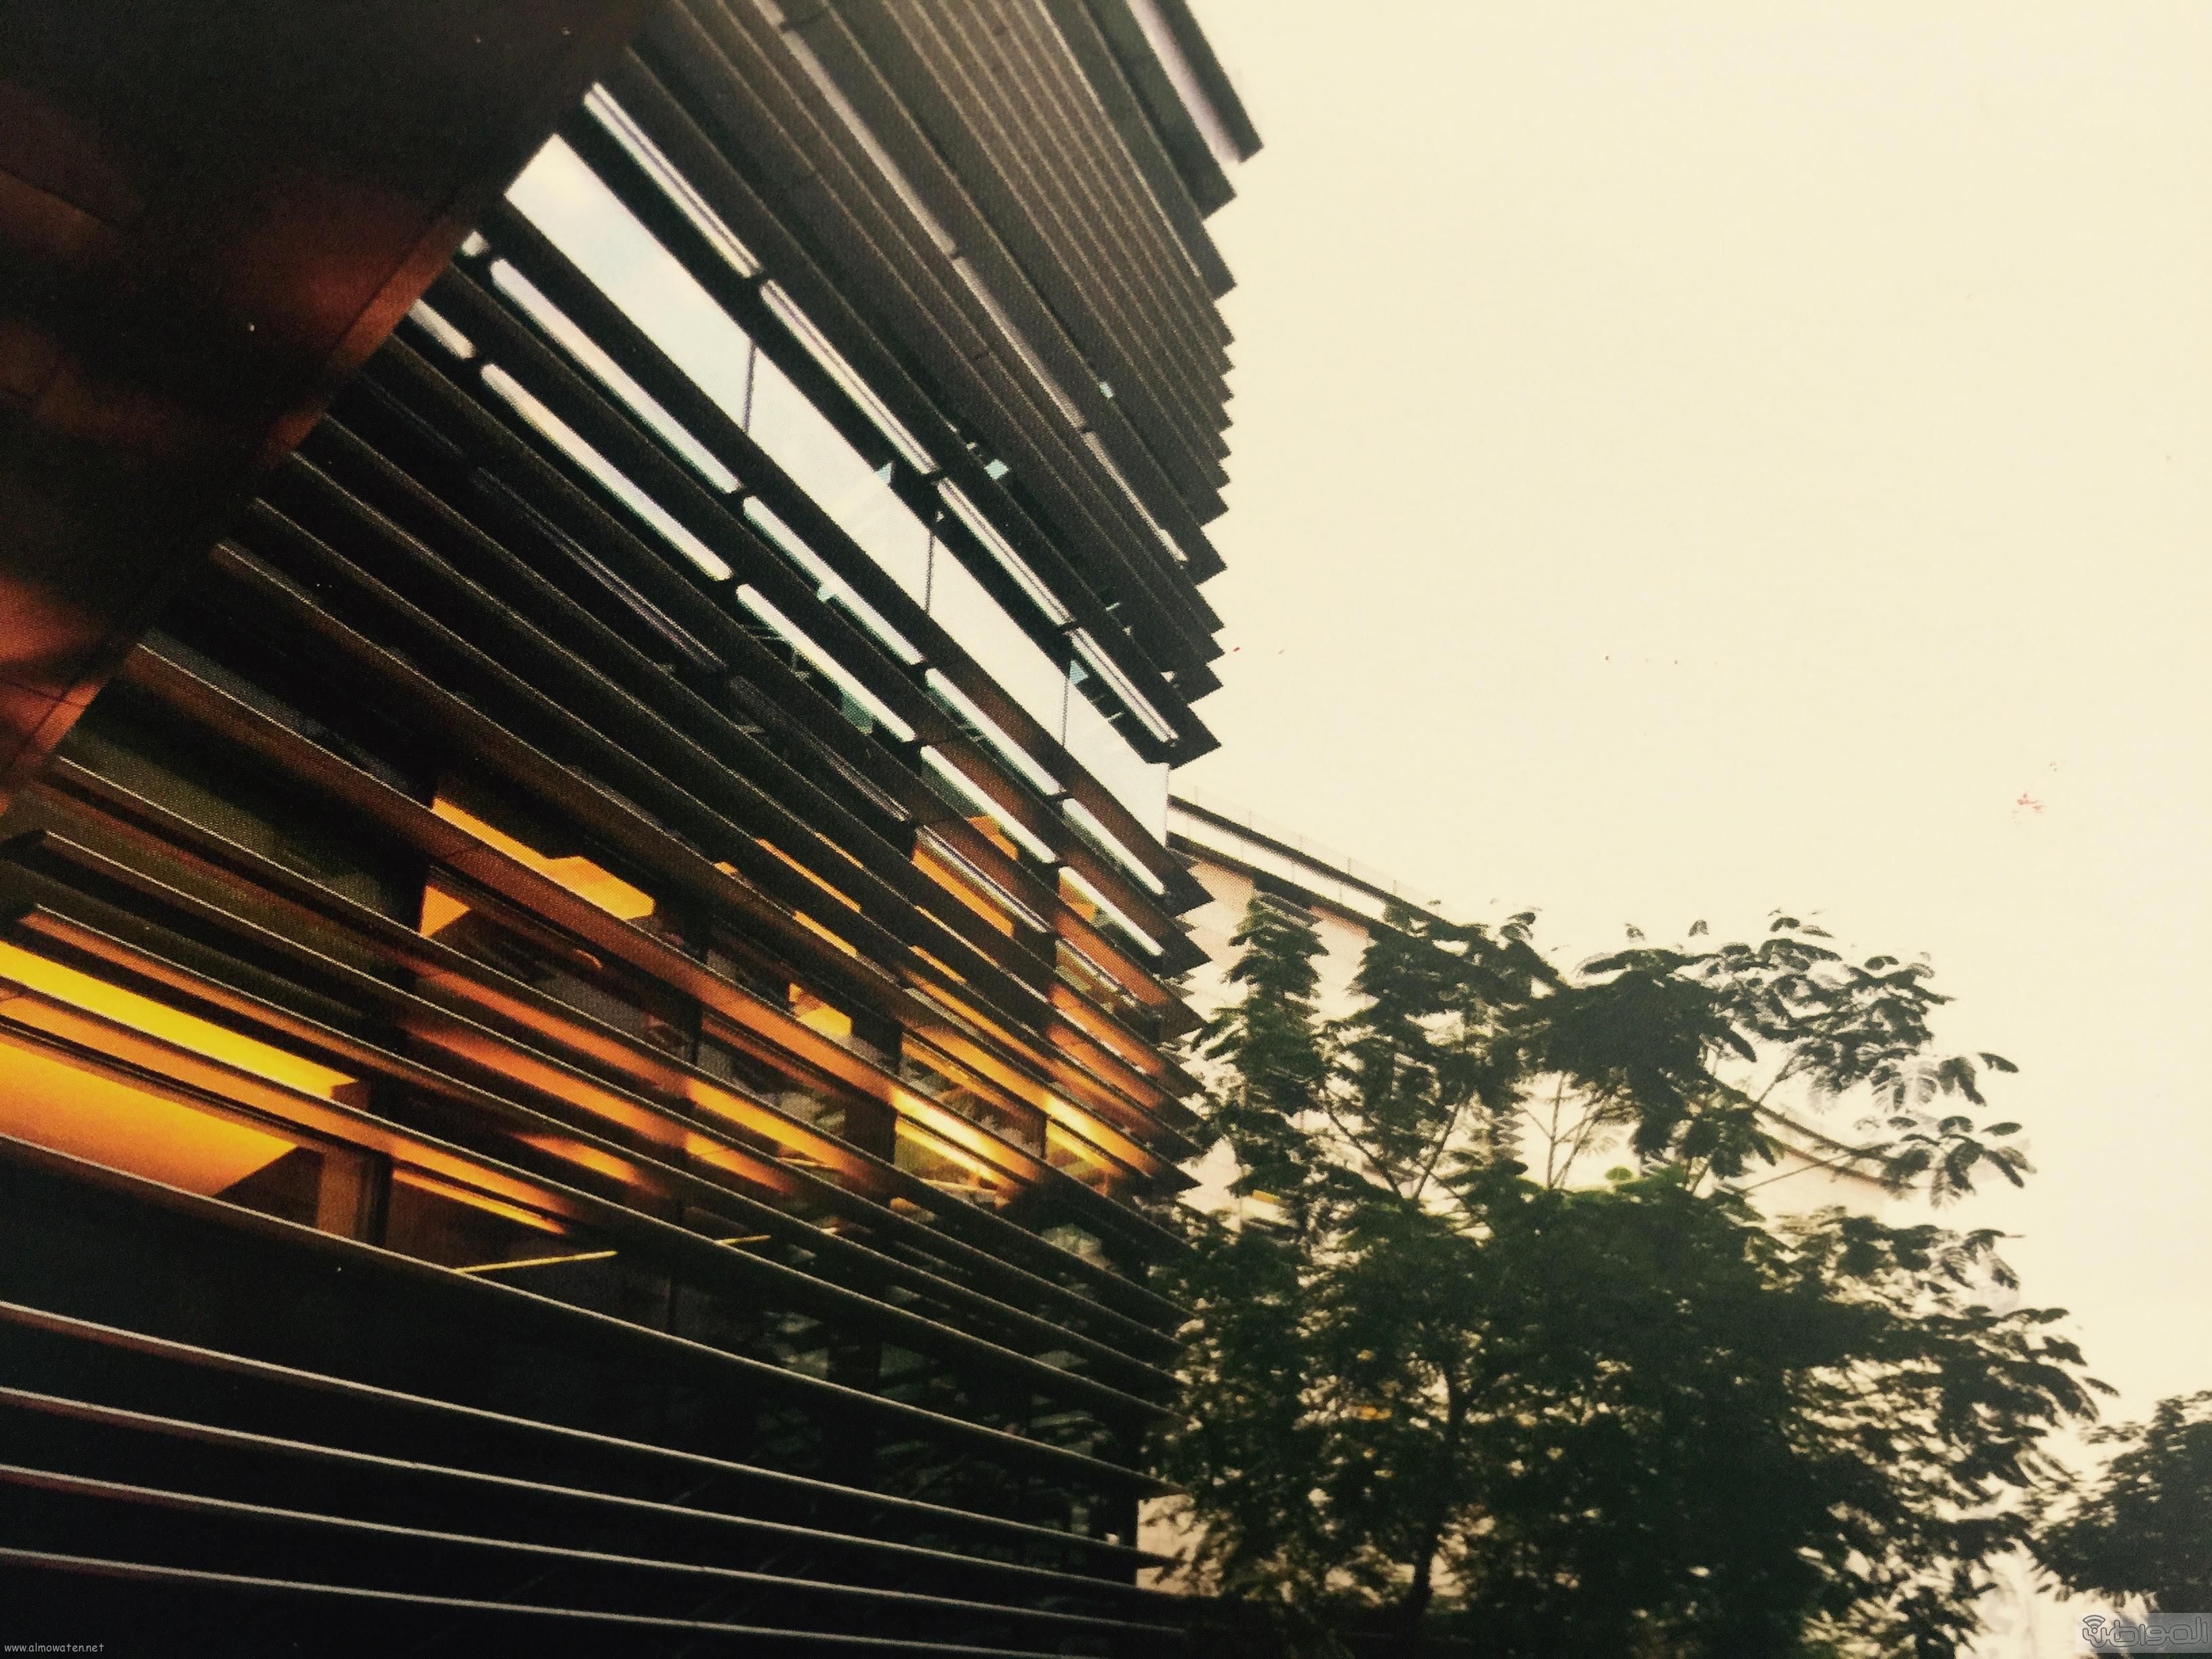 لقطات لمركز الملك عبدالله للدراسات والبحوث البترولية المرتقب افتتاحه اليوم (5)